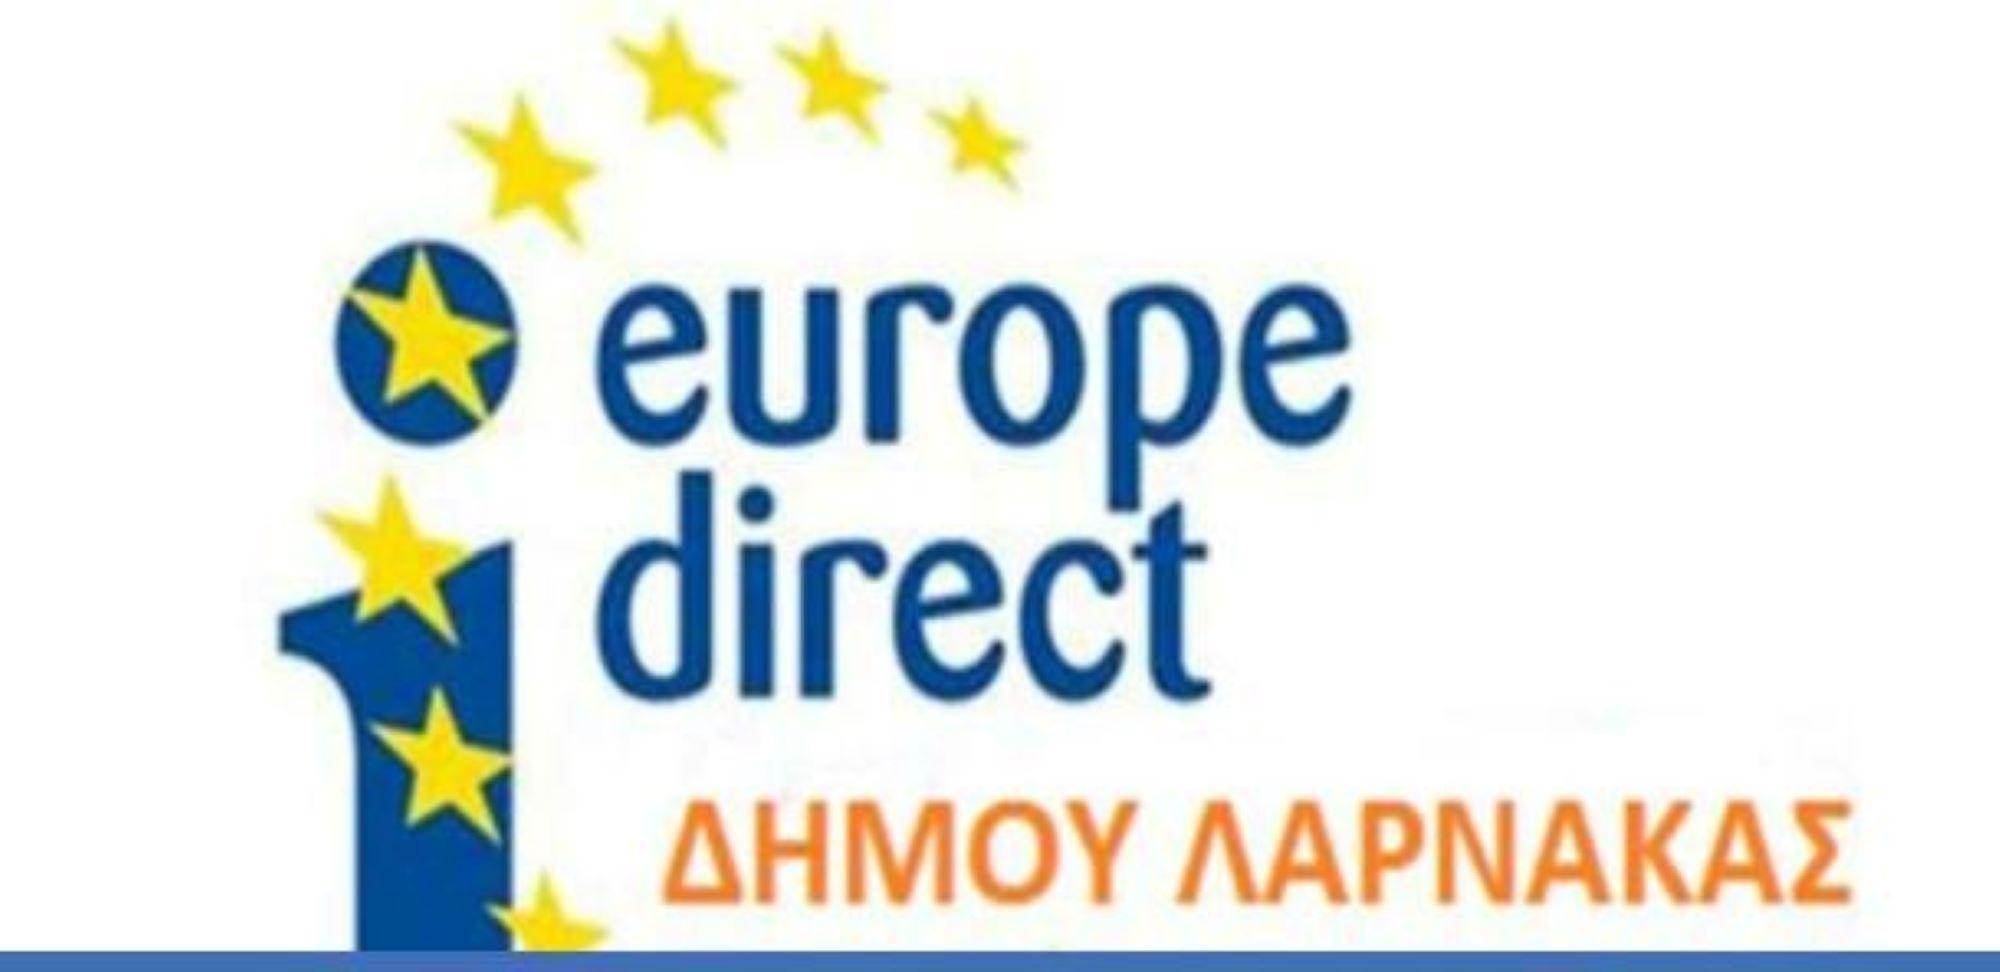 424 Κέντρα Πληροφόρησης Europe Direct στα Κράτη – Μέλη της ΕΕ